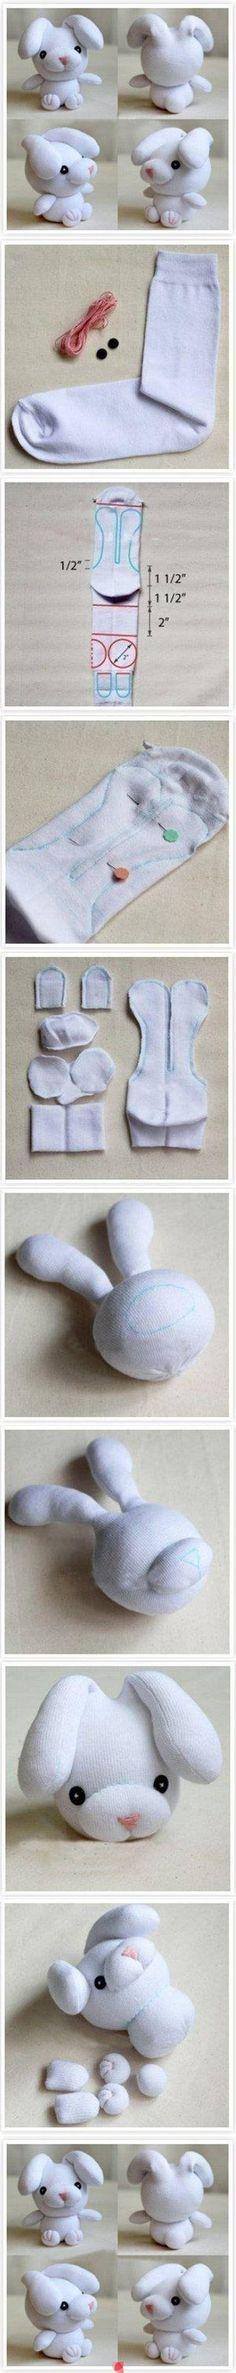 Sympatyczne króliki zrobione ze skarpetek - instrukcja